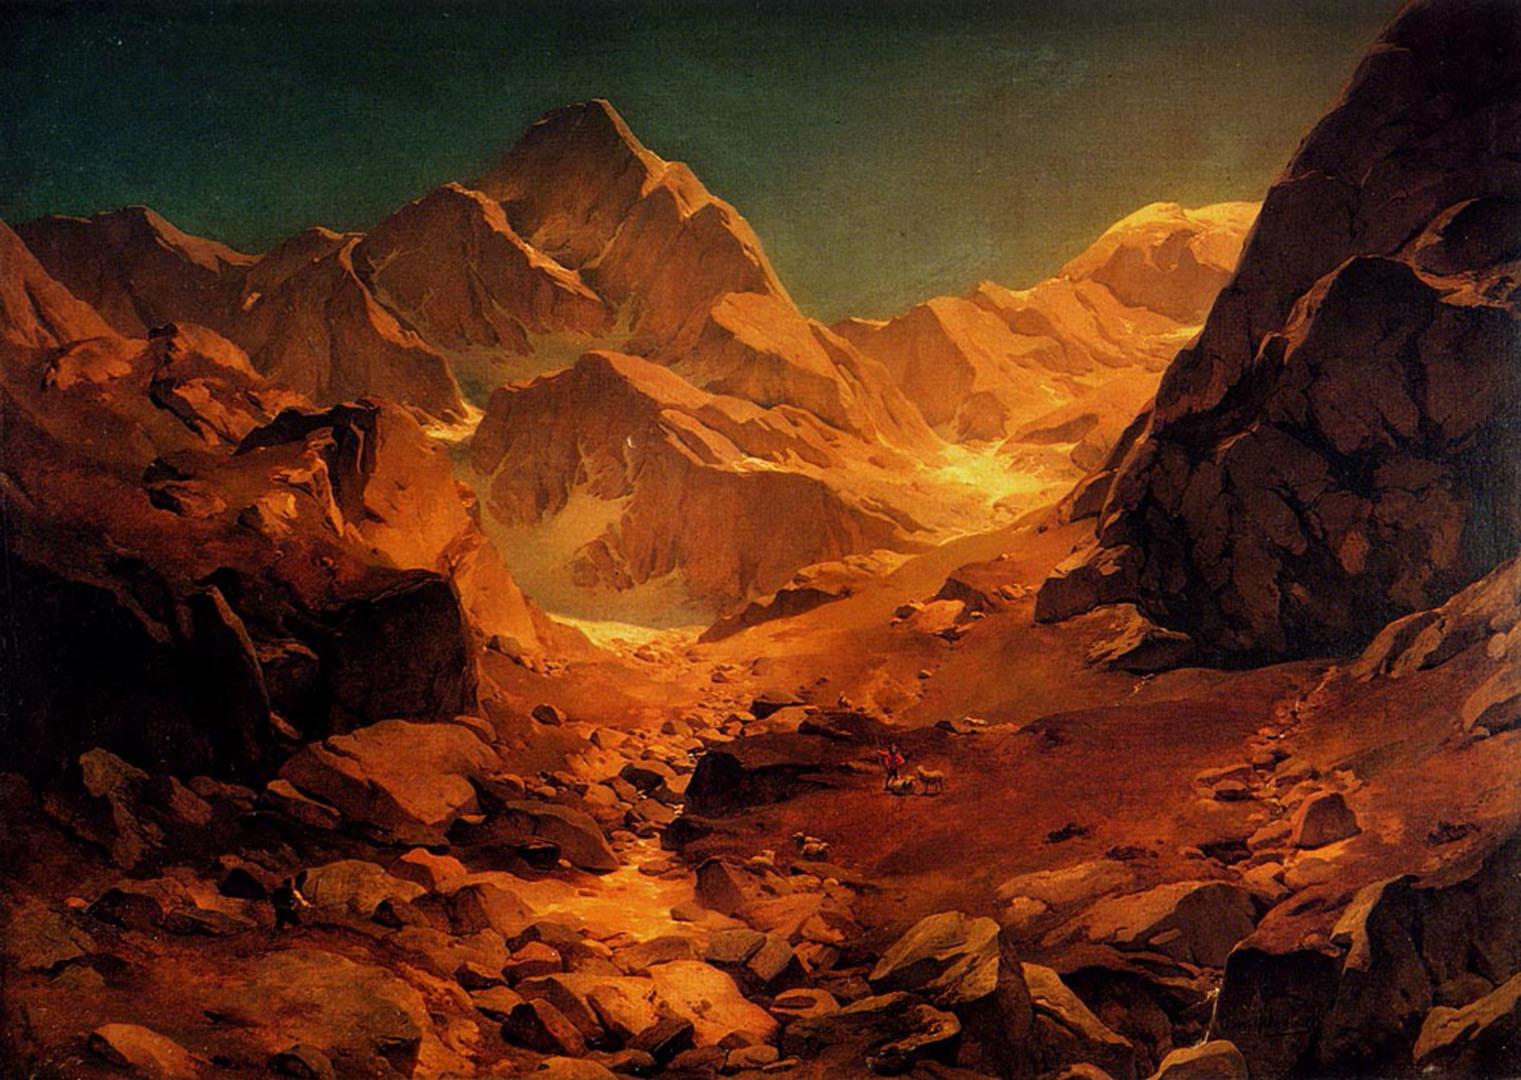 A Mountainous Landscape